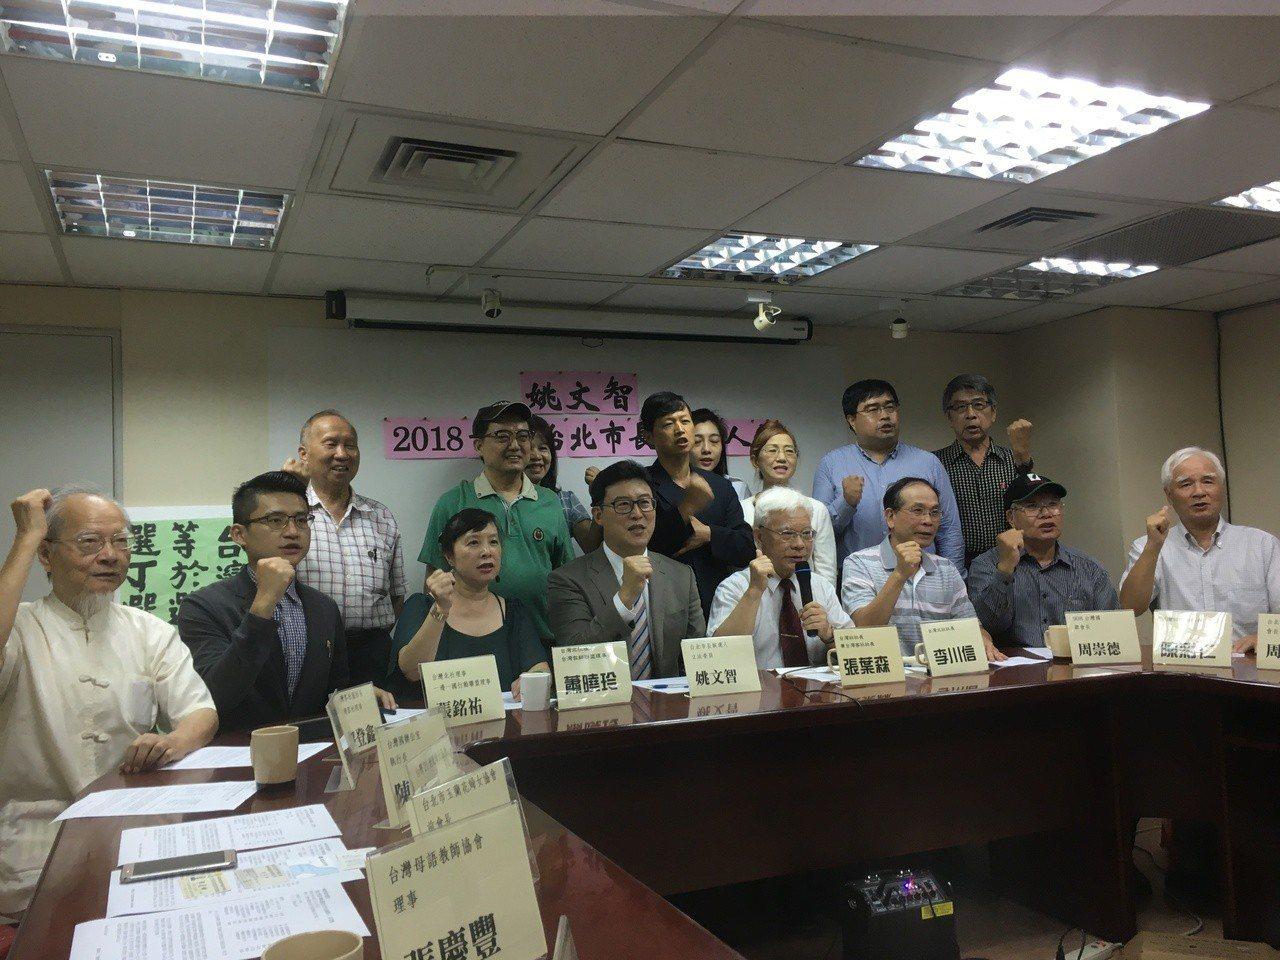 本土社團今天舉行記者會,力挺民進黨台北市長參選人姚文智。記者張世杰/攝影